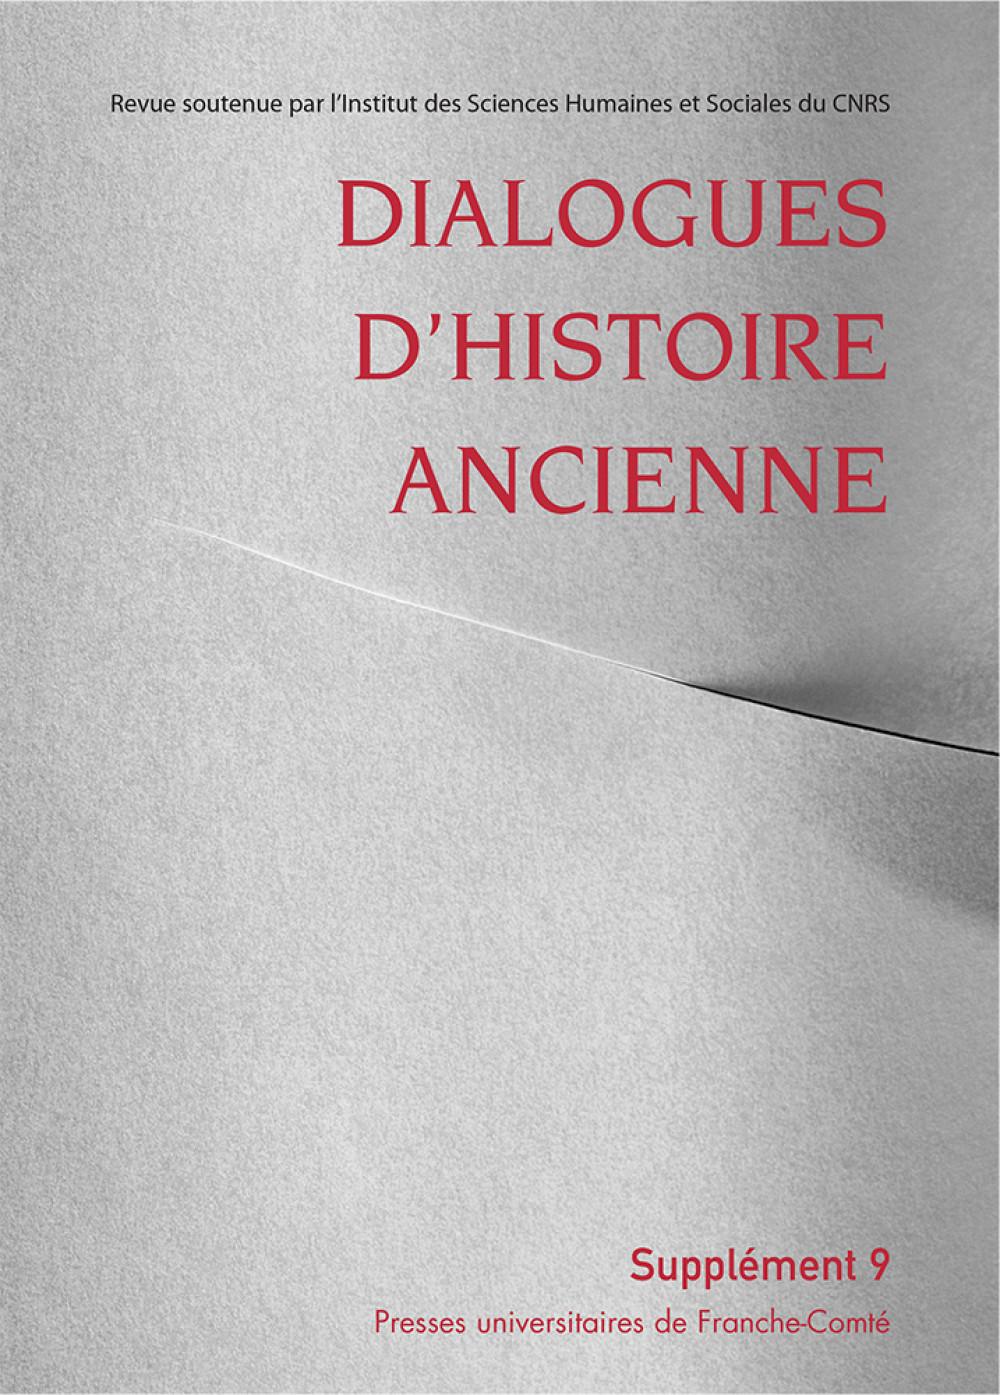 Dialogues d'Histoire Ancienne supplément 9